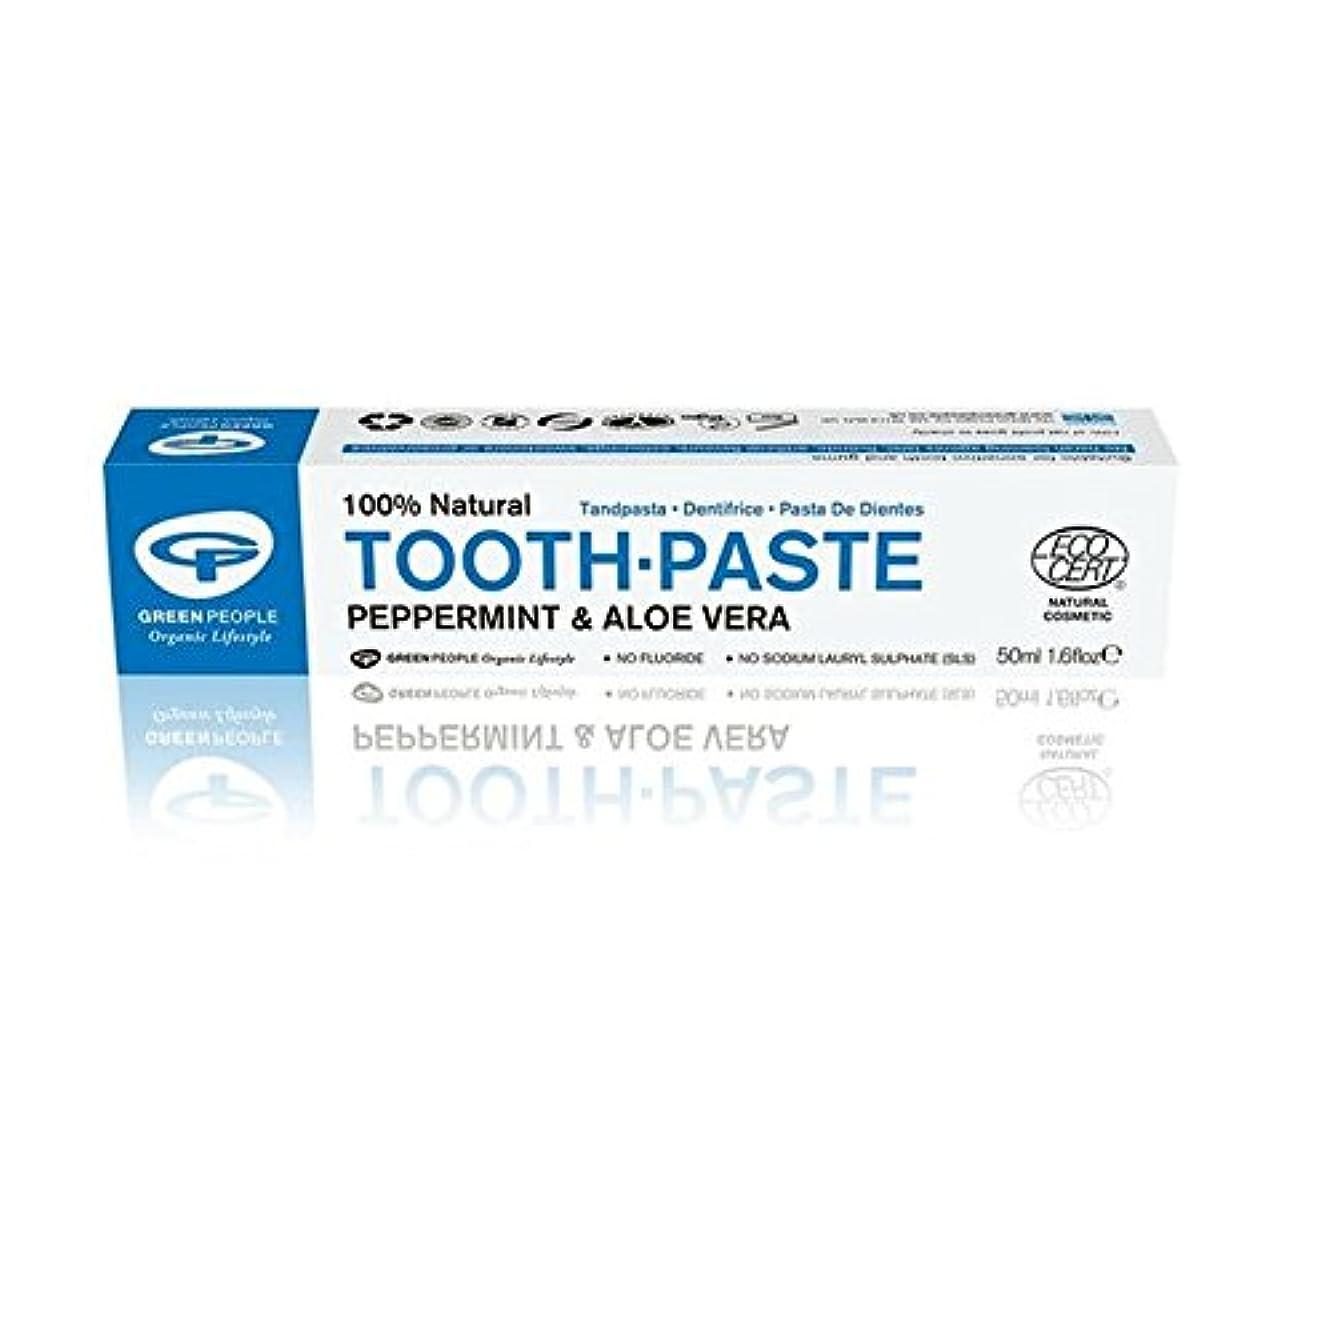 滑り台パトロール酒緑の人々の自然ミント歯磨き粉50ミリリットル x2 - Green People Natural Mint Toothpaste 50ml (Pack of 2) [並行輸入品]